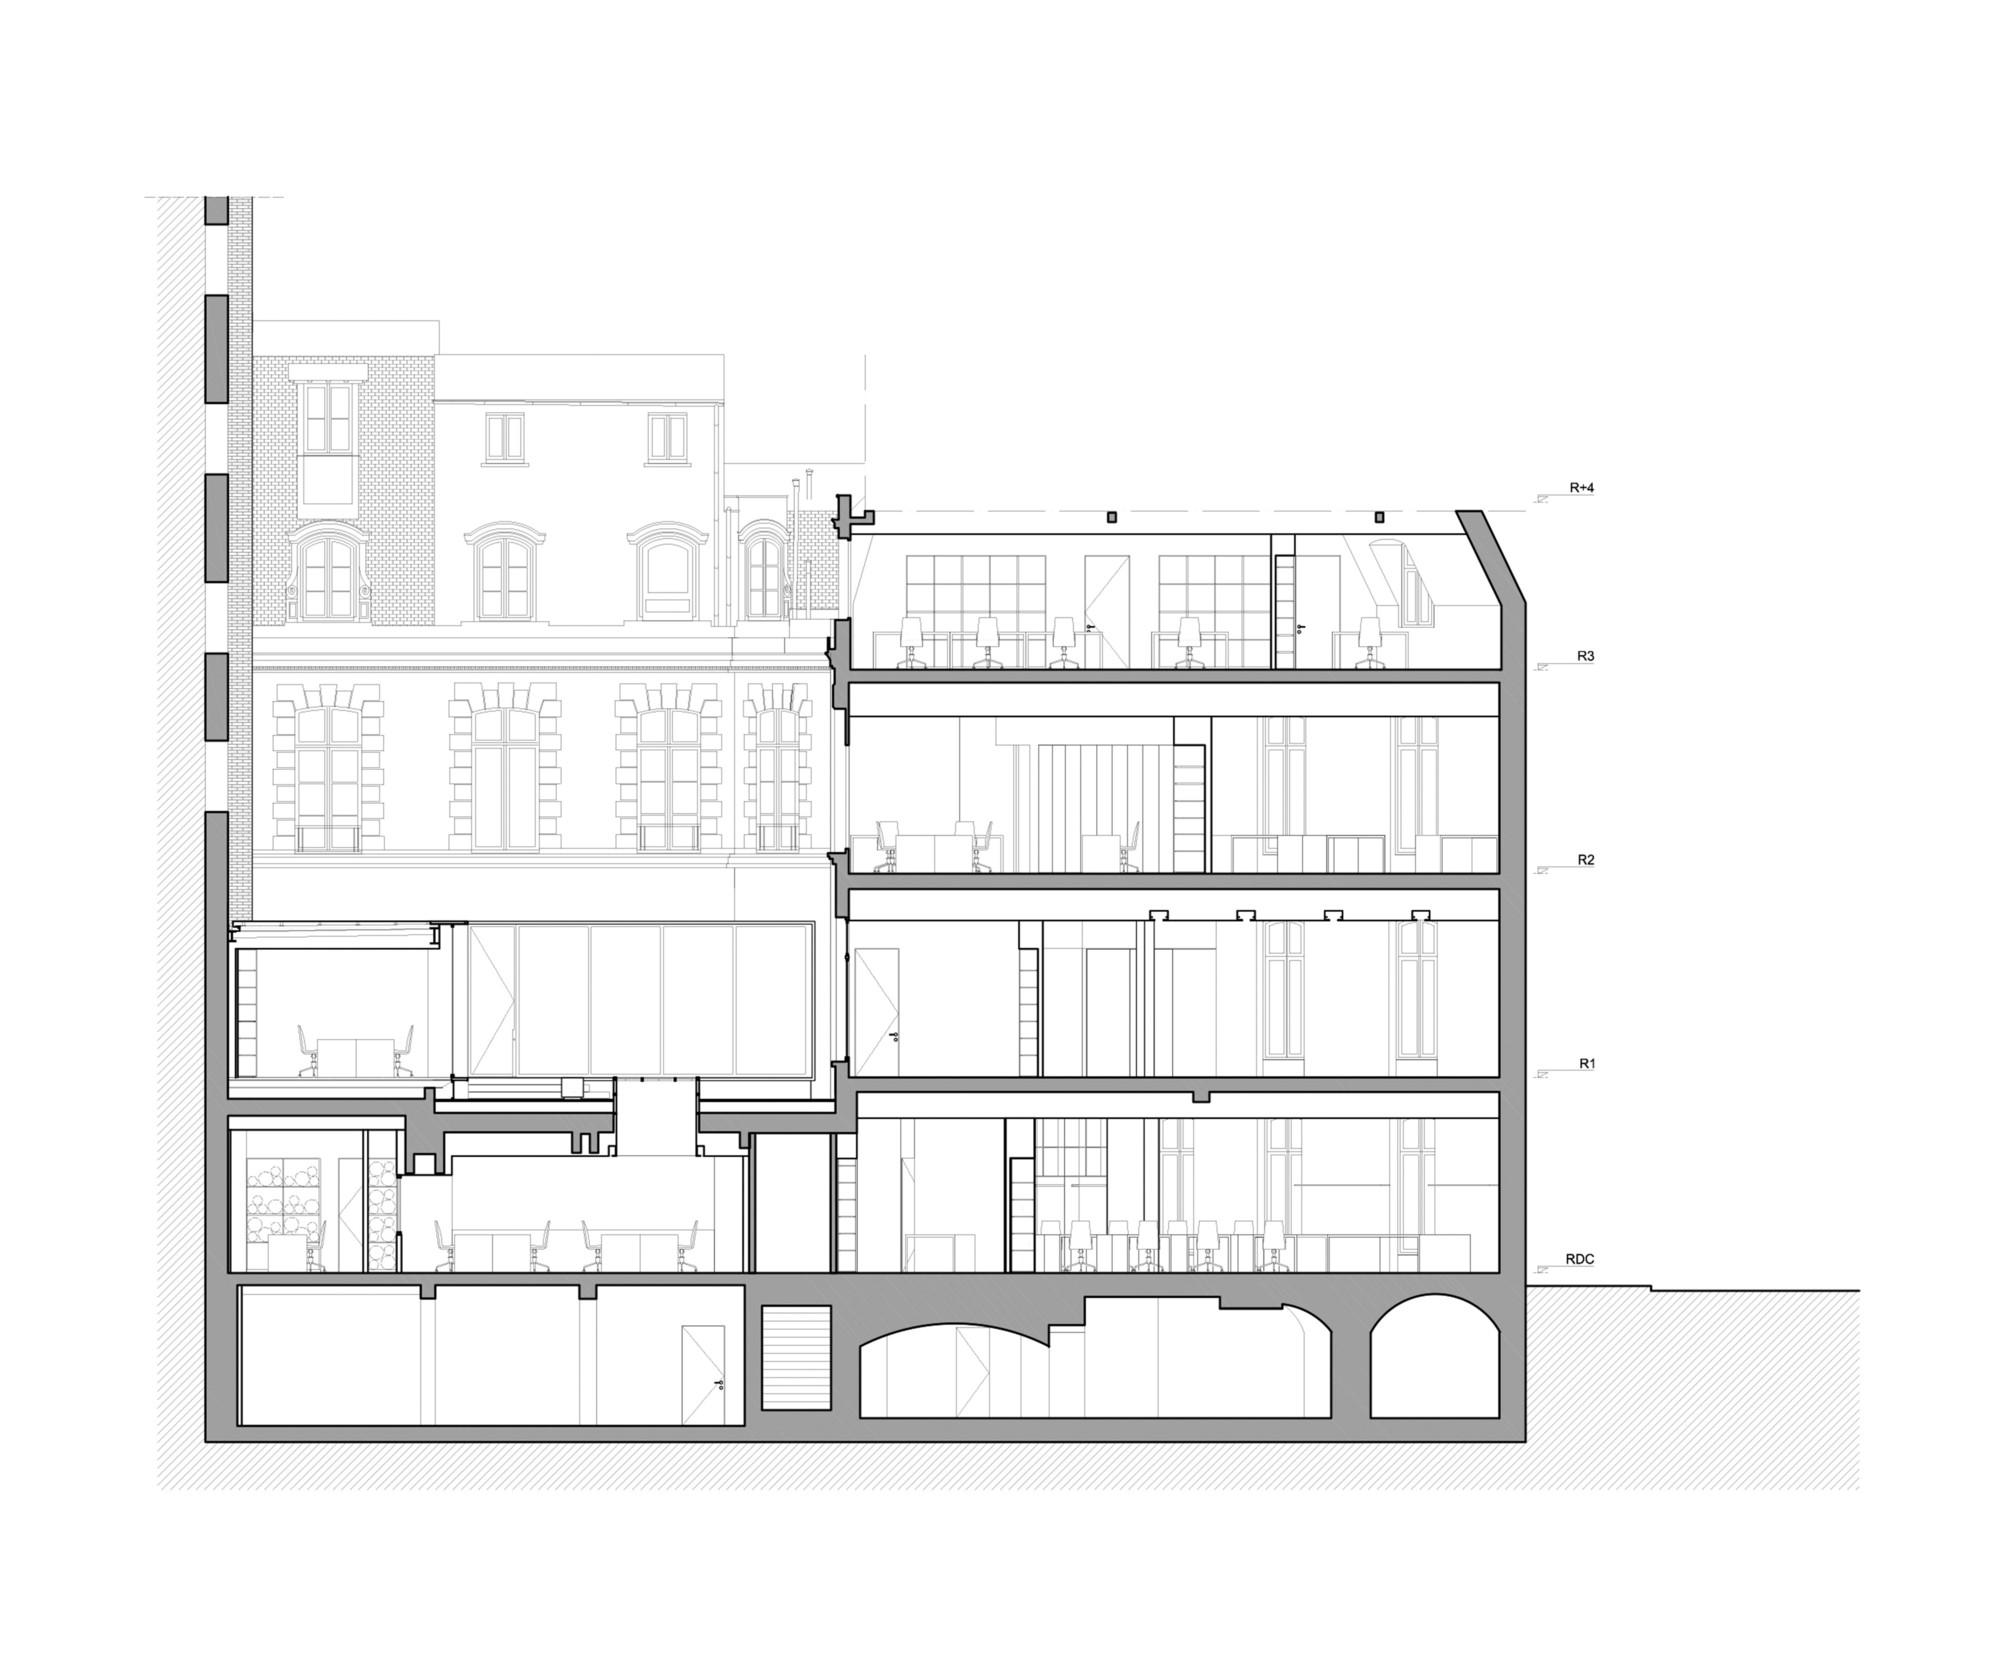 gallery of dior men paris antonio virga architecte dior men architecture department 21. Black Bedroom Furniture Sets. Home Design Ideas